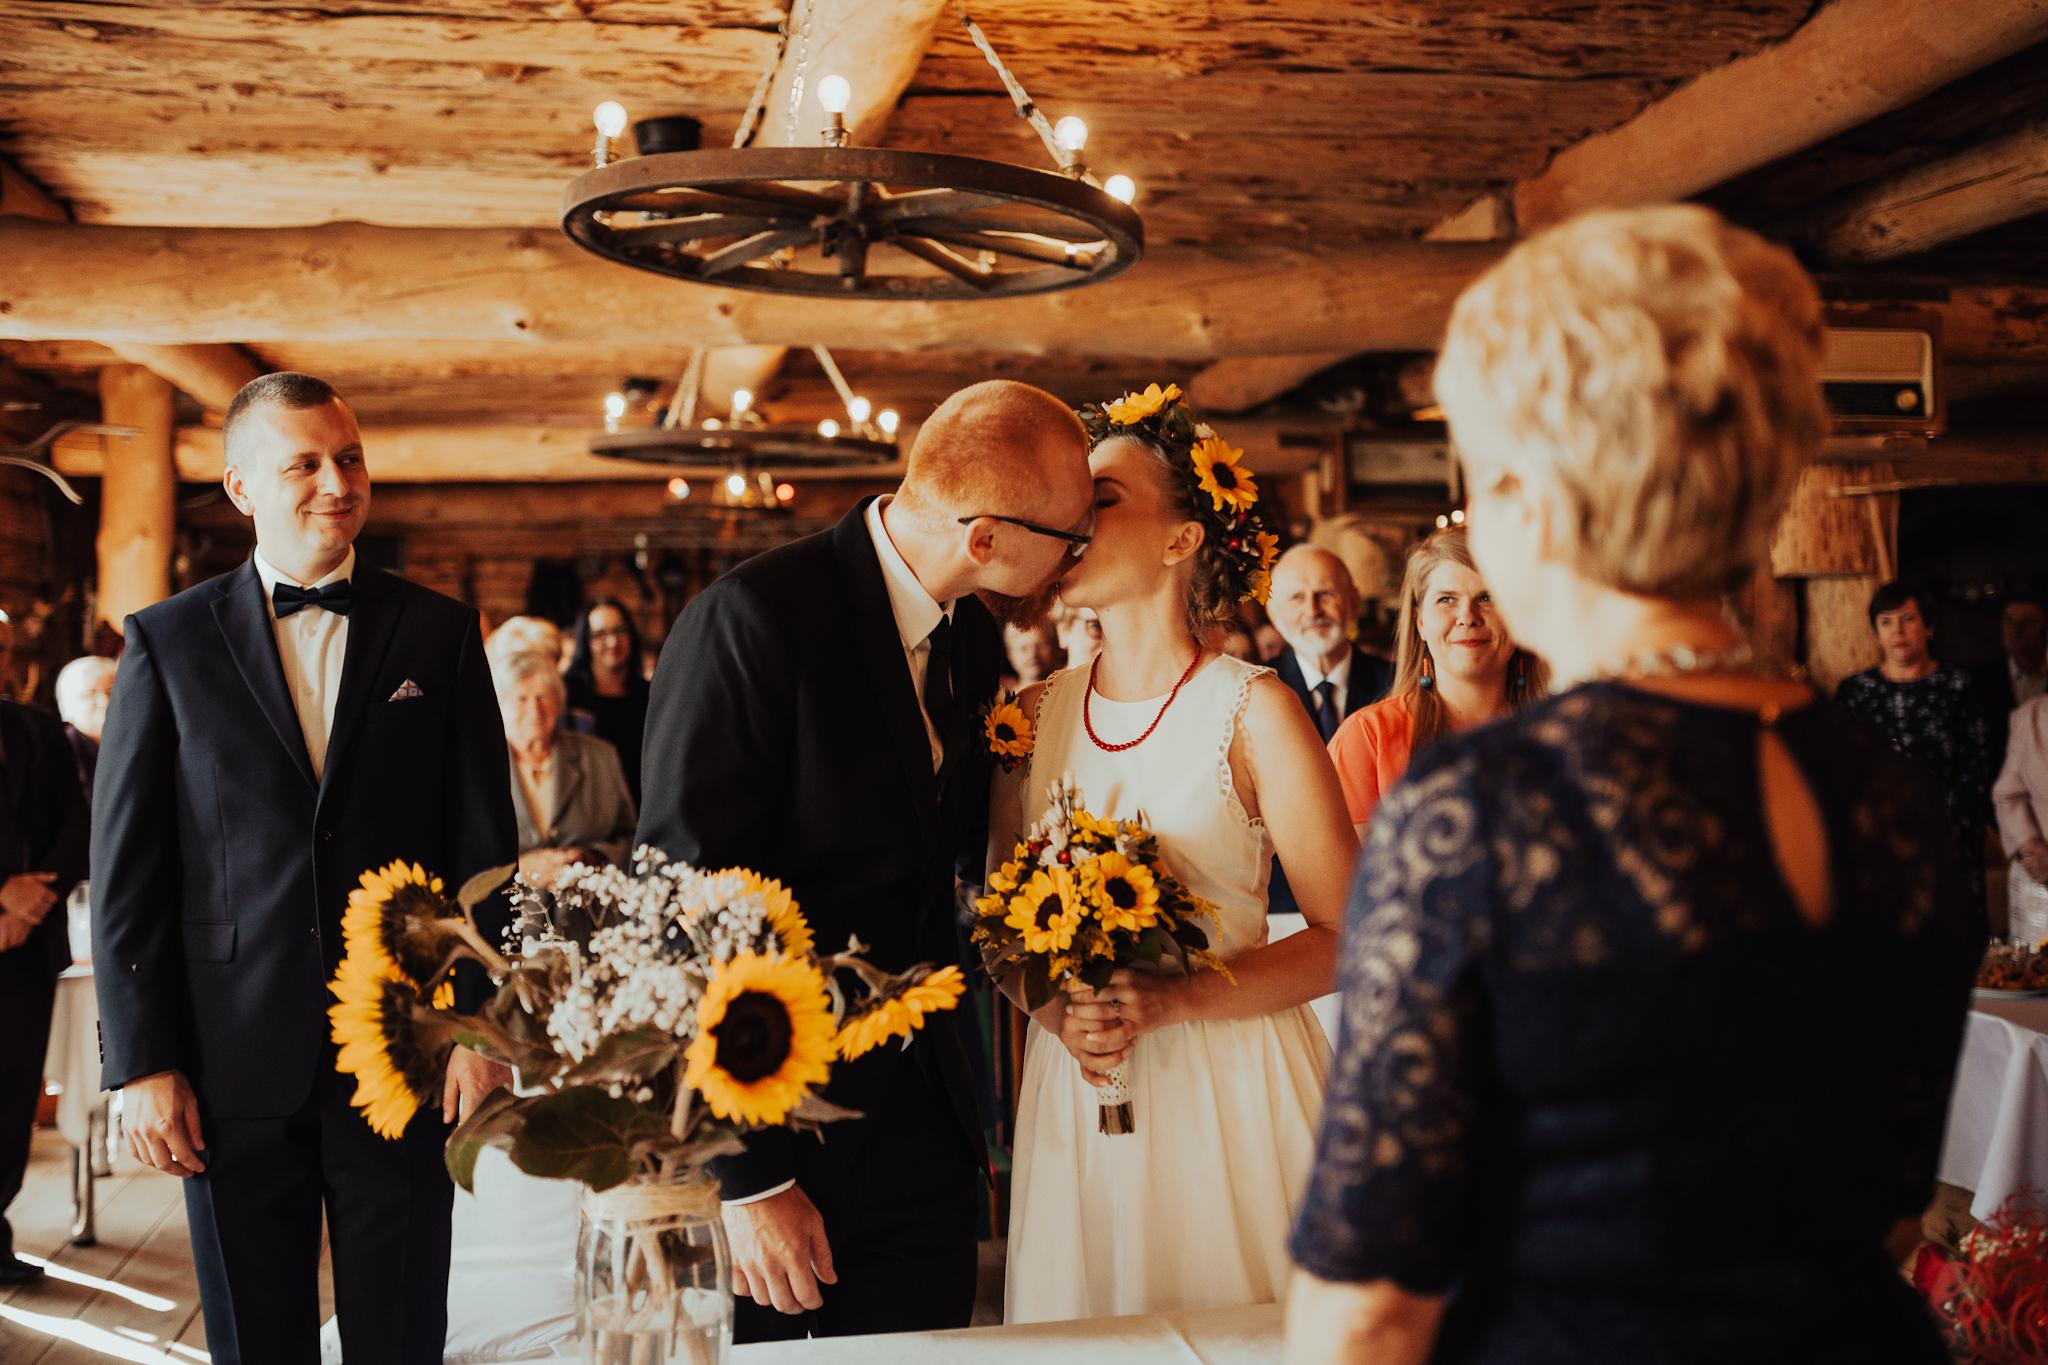 fotografia ślubna olsztyn kielce starachowice slow wedding rustykalny stodoła wiejska chata